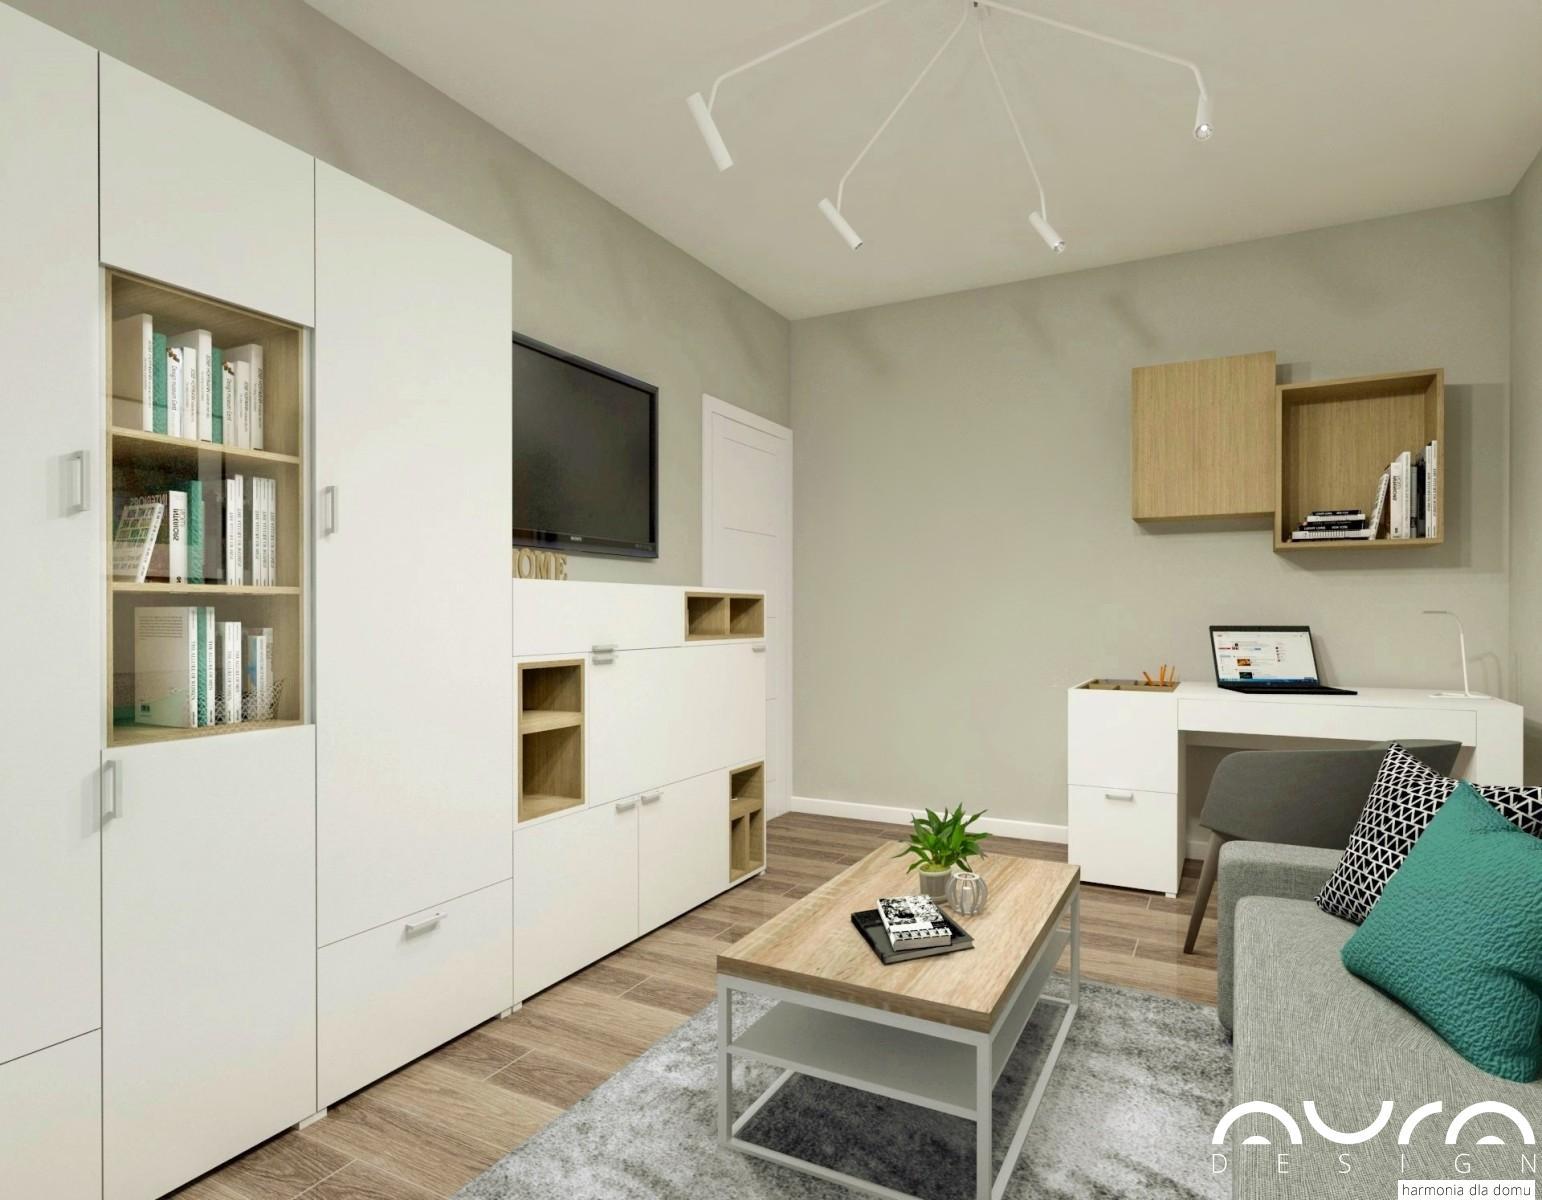 3 pokój gościnno- biurowy zaaranżowany przez Auradesign.pl